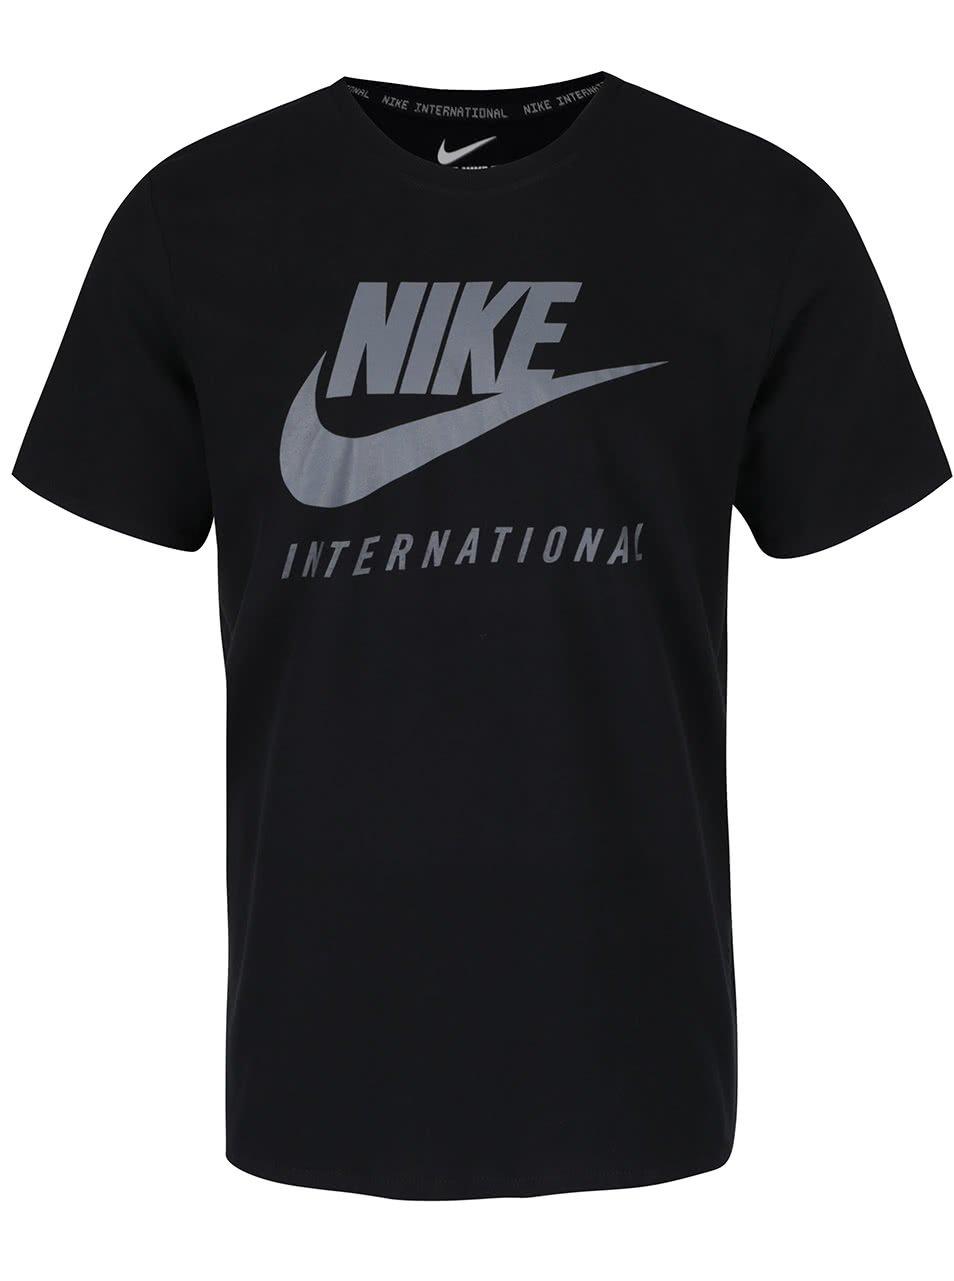 Černé pánské triko s nápisem Nike International